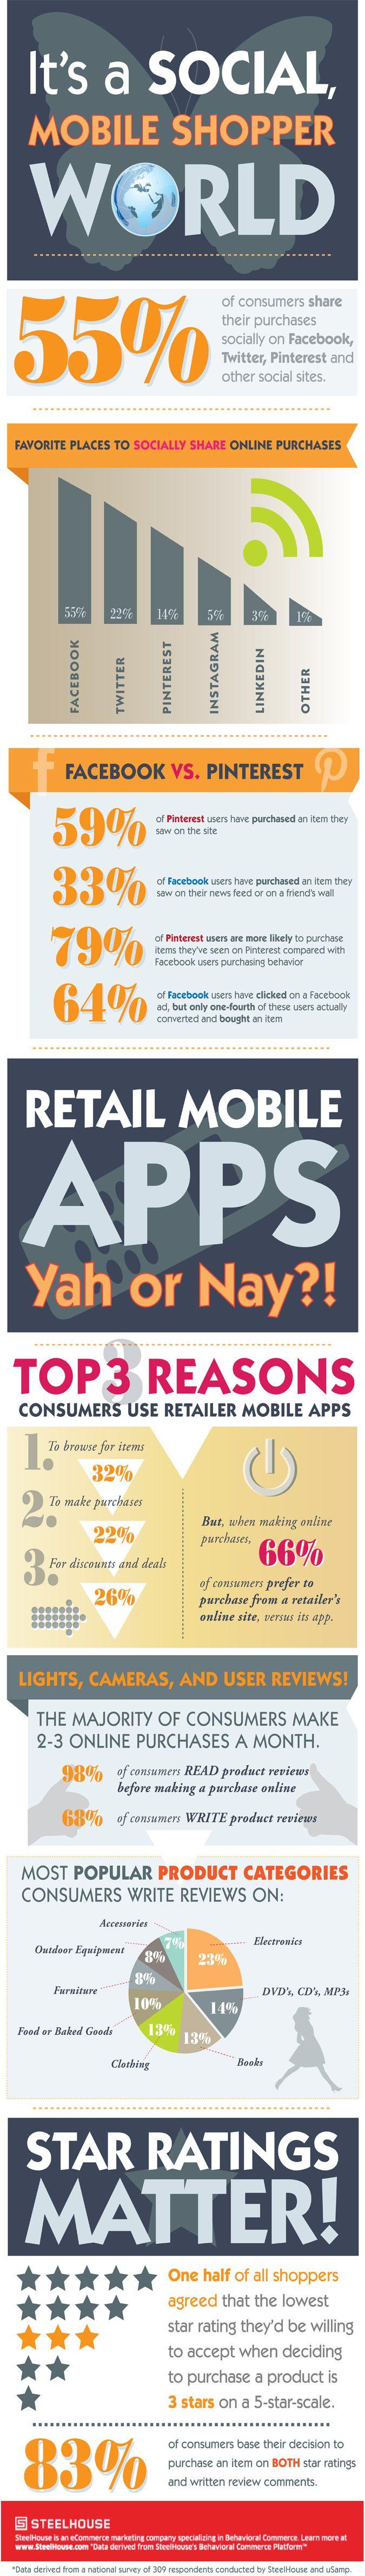 Twitter, Facebook, Pinterest And The Social Mobile Shopper World